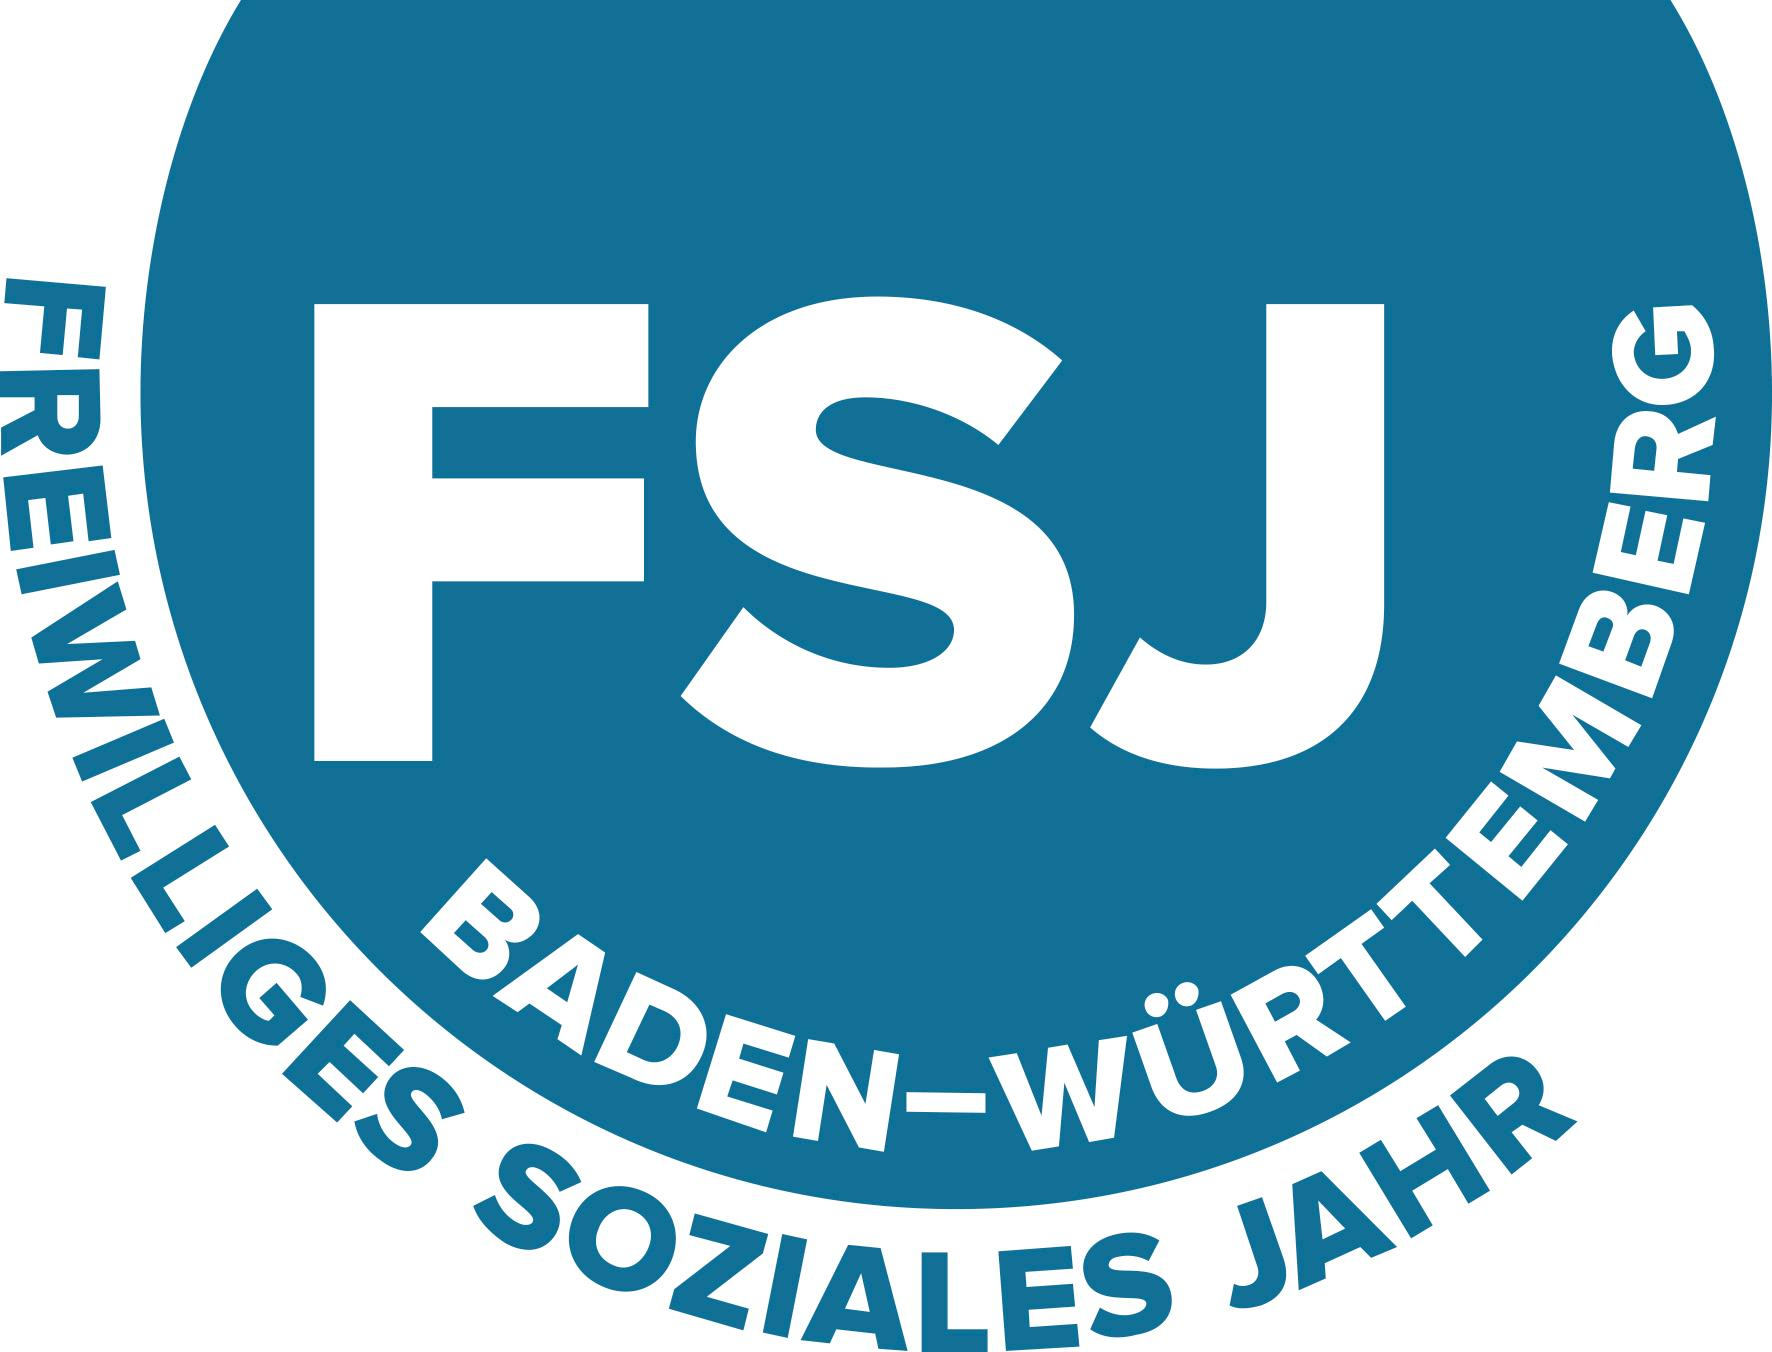 Freiwilliges Soziales Jahr in Baden-Württemberg